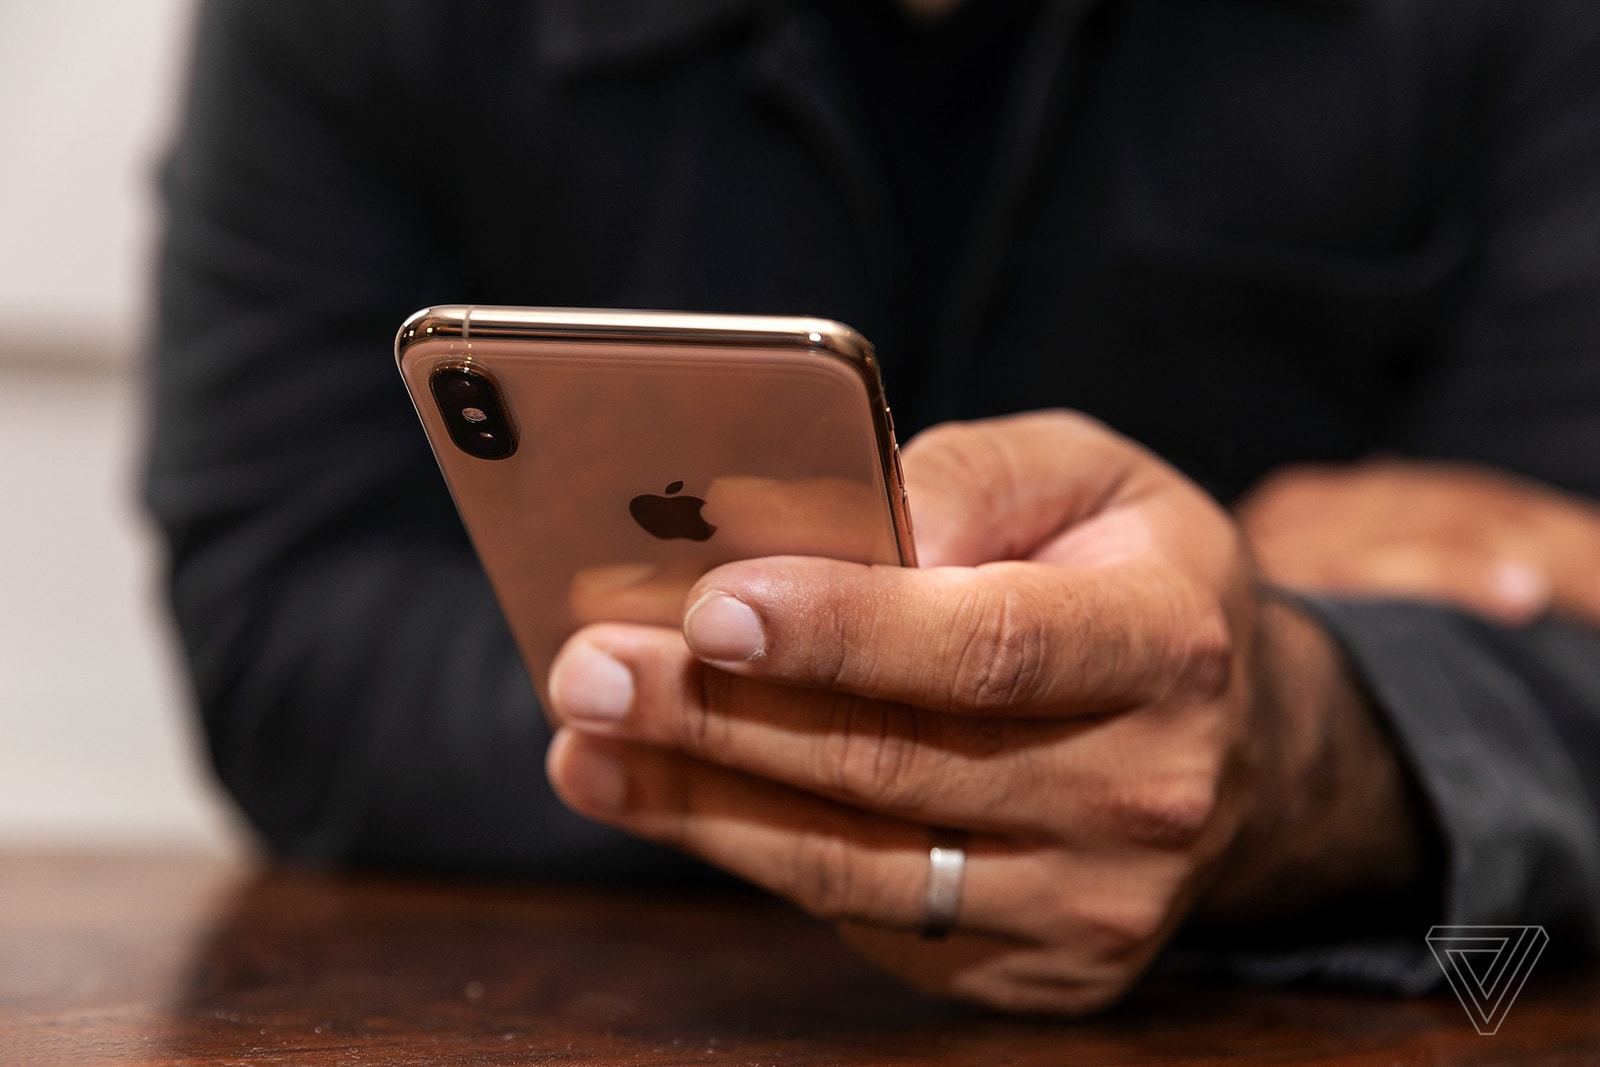 Apple phát hành bản thử nghiệm iOS 13.1 beta trước cả ngày iOS 13 ra mắt chính thức